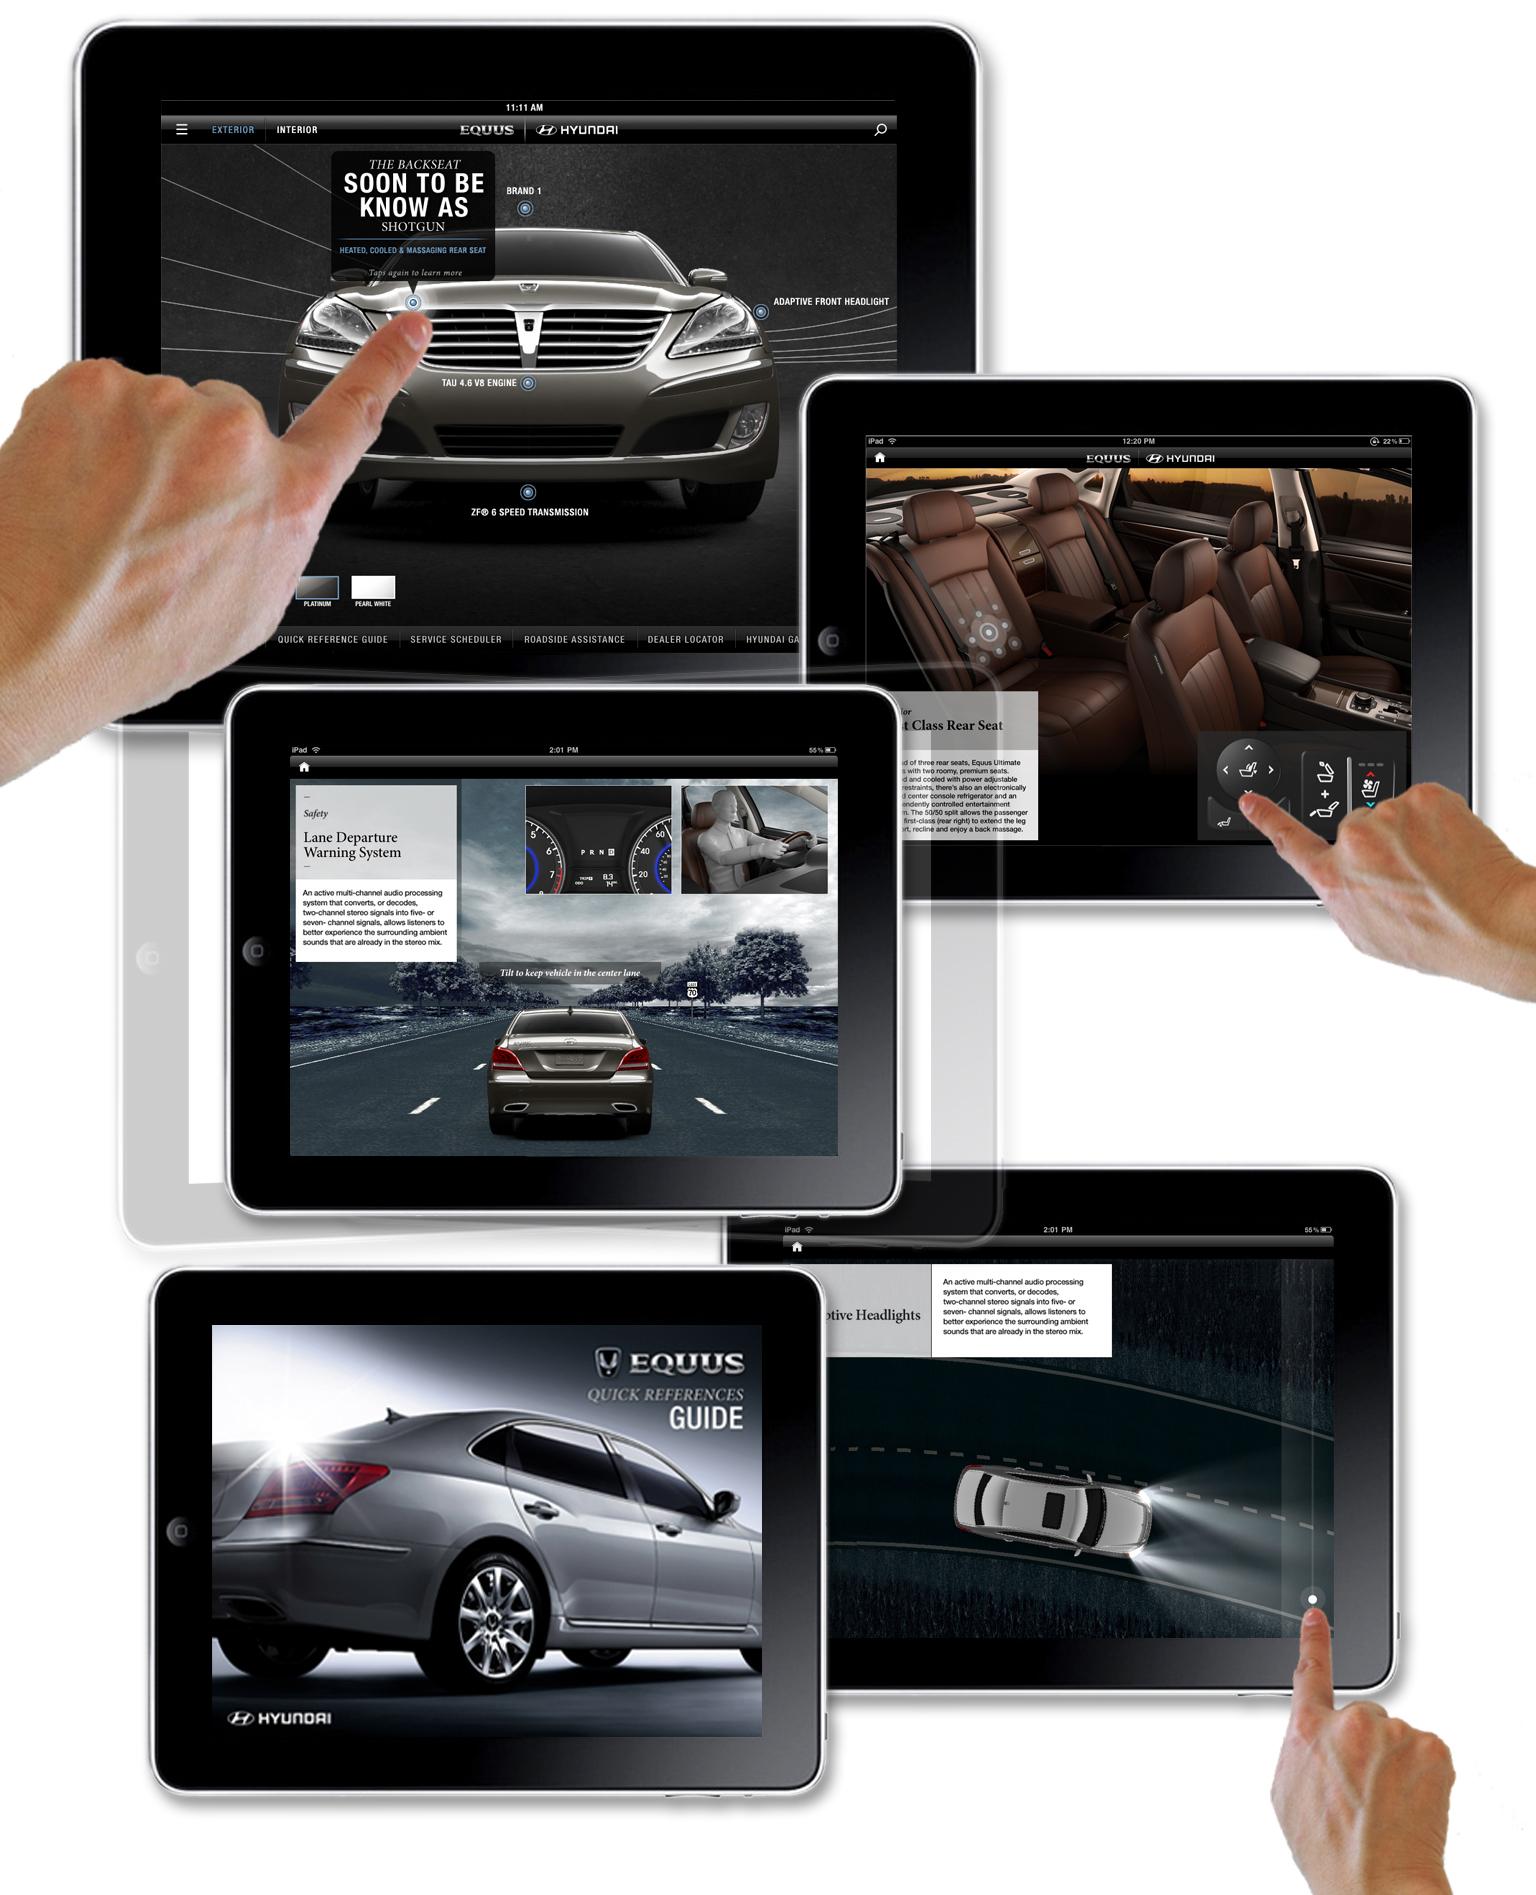 Hyundai Equus iPad Launch